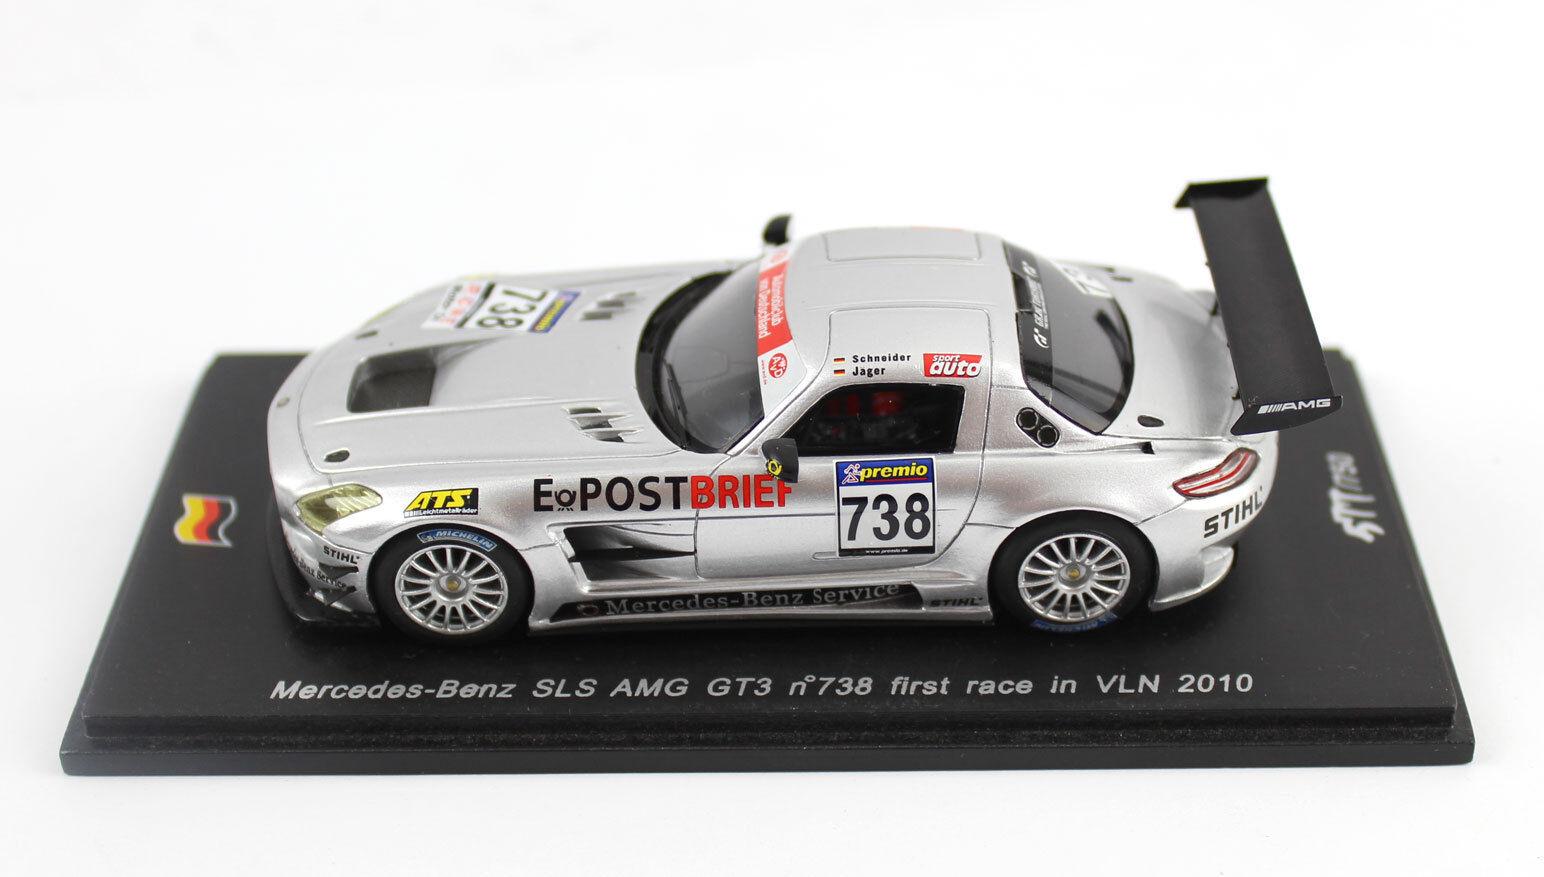 Spark Coche Modelo 1 43 Mercedes-Benz SLS AMG Gt3 2010 738